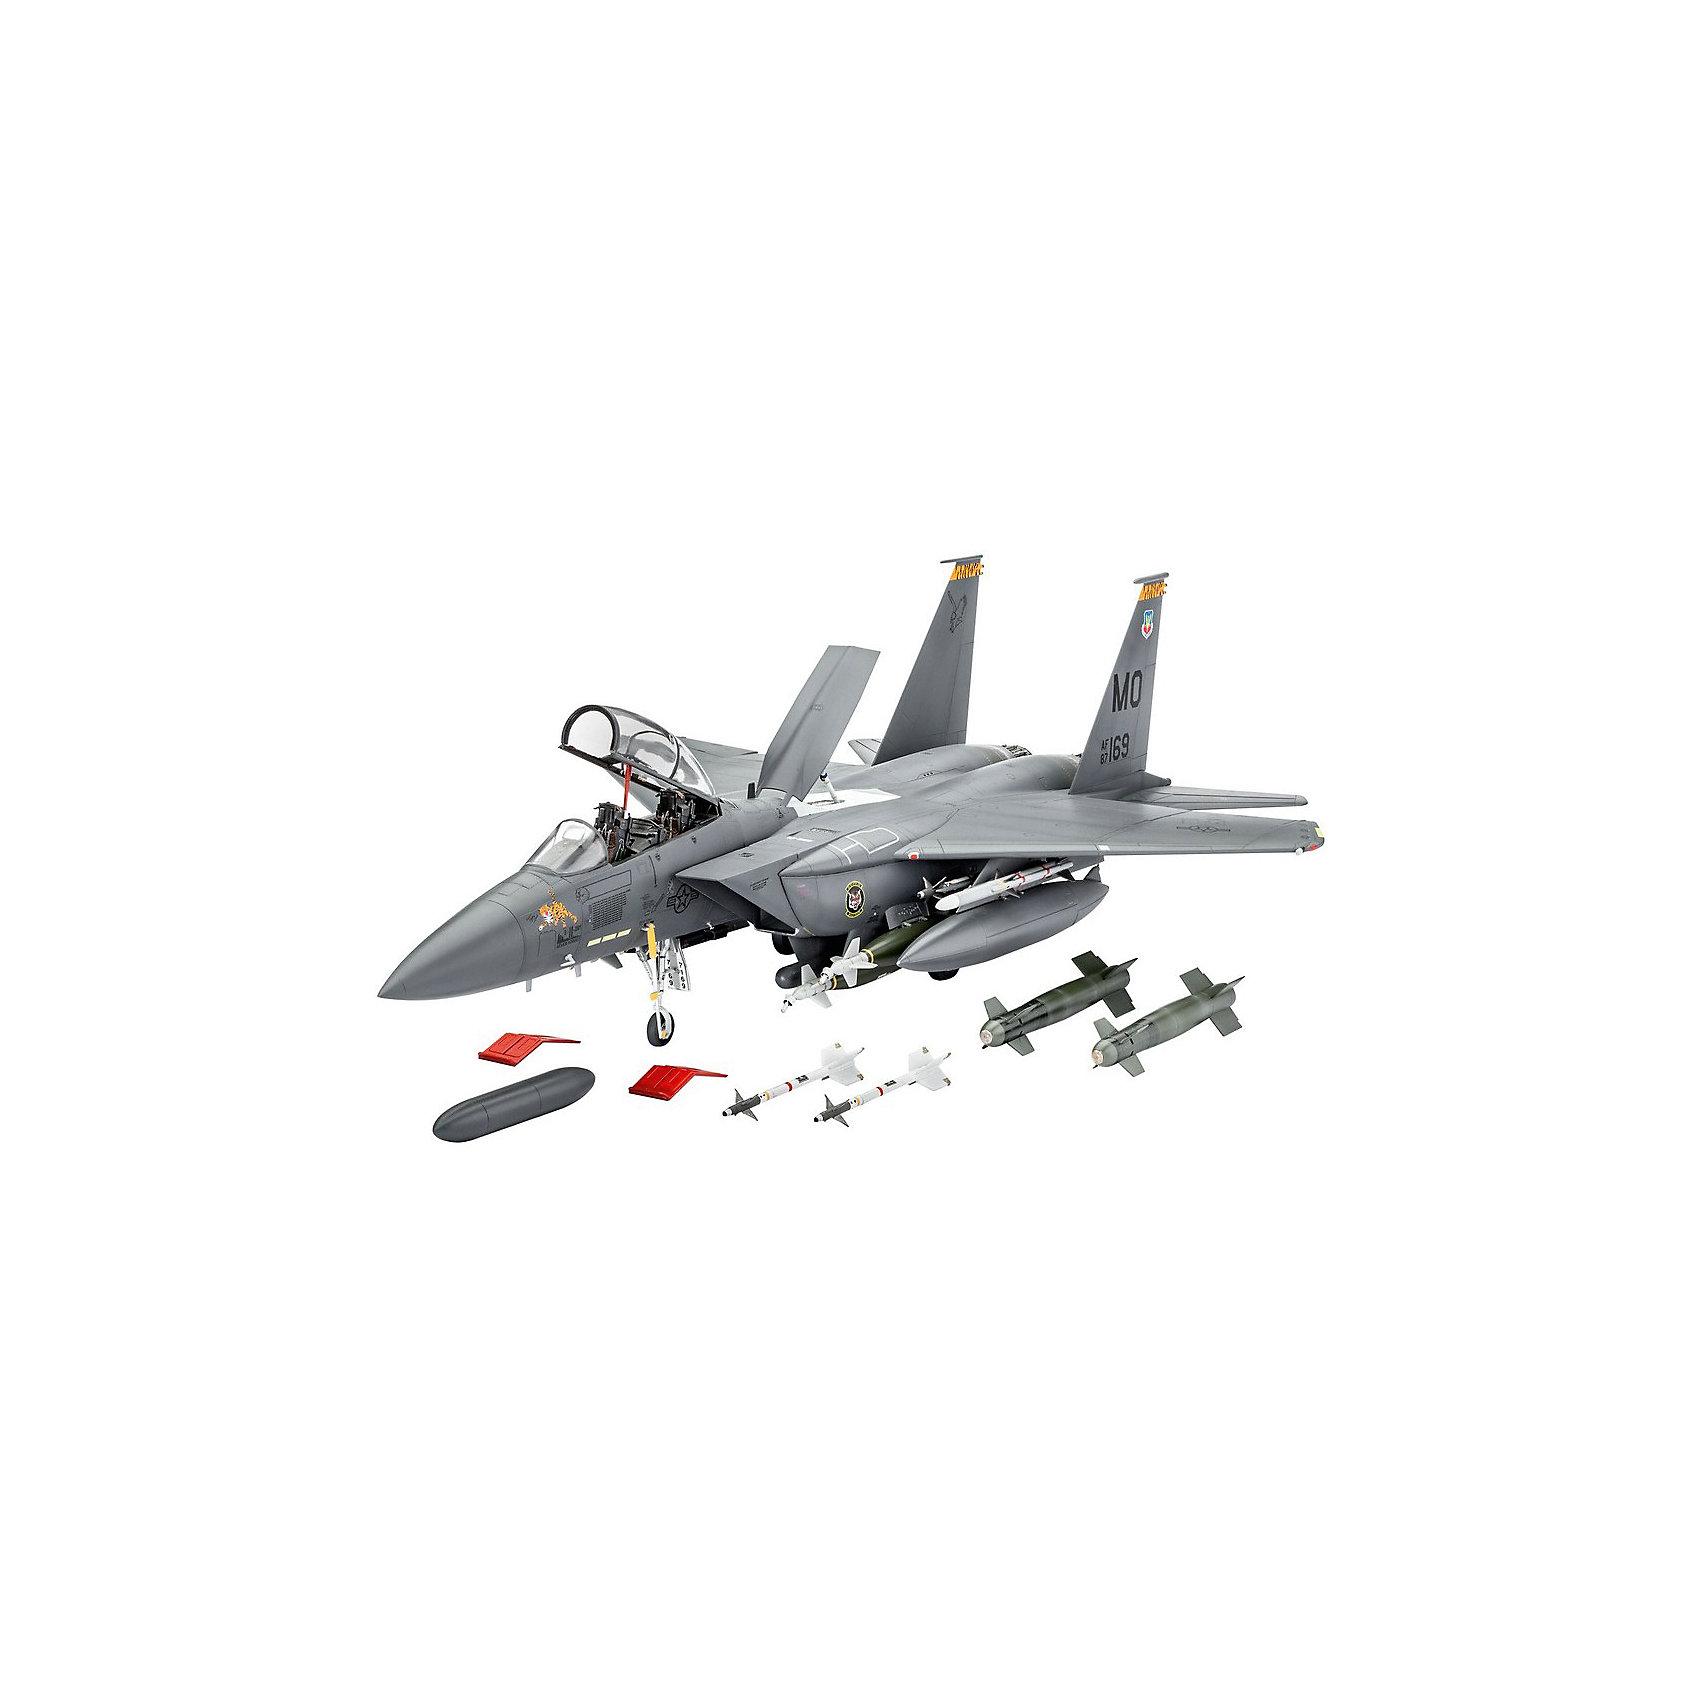 Истребитель F-15E Strike EagleМодели для склеивания<br>Набор, позволяющий самостоятельно сконструировать истребитель F-15E Strike Eagle, американский двухместный бомбардировщик. Это уникальная модель самолета, который совершил свой первый полет в 1986 году и получил известность в качестве участника вооруженных конфликтов.  <br><br>Набор от Revell понравится любителям истории, коллекционерам, юным пилотам и любителям собирать фигурки, тренируя мелкую моторику, логические навыки, аккуратность и сообразительность. Вы можете поиграть с готовой моделью самолета и устроить воздушную баталию прямо в своем доме! Готовый разукрашенный самолет также займет достойное место в вашей коллекции и будет солидно и выгодно смотреться среди других моделей на полке.  <br><br>В подарочной упаковке вы найдете 224 детали, сделанные из материалов, прошедших строгий контроль качества. Клей и краски приобретаются отдельно.  <br><br>Размах крыльев: 26,7 см.  <br><br>Длина: 39,4 см.<br><br>Ширина мм: 9999<br>Глубина мм: 9999<br>Высота мм: 9999<br>Вес г: 9999<br>Возраст от месяцев: 144<br>Возраст до месяцев: 2147483647<br>Пол: Мужской<br>Возраст: Детский<br>SKU: 7122341